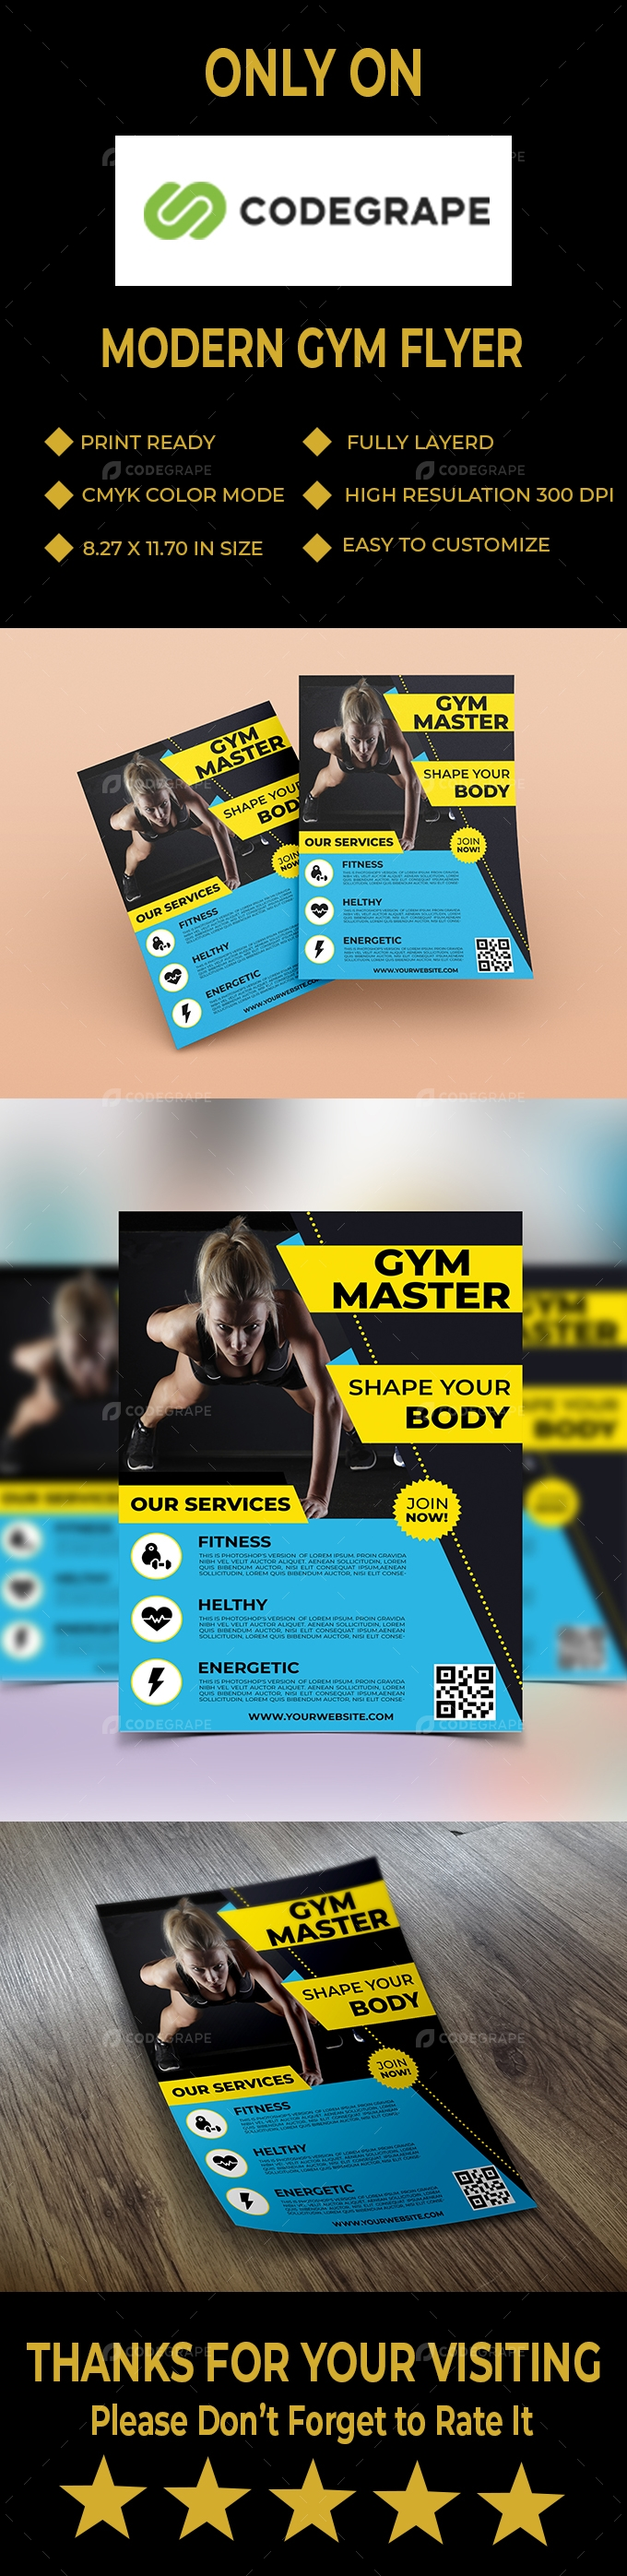 Modern GYM Flyer